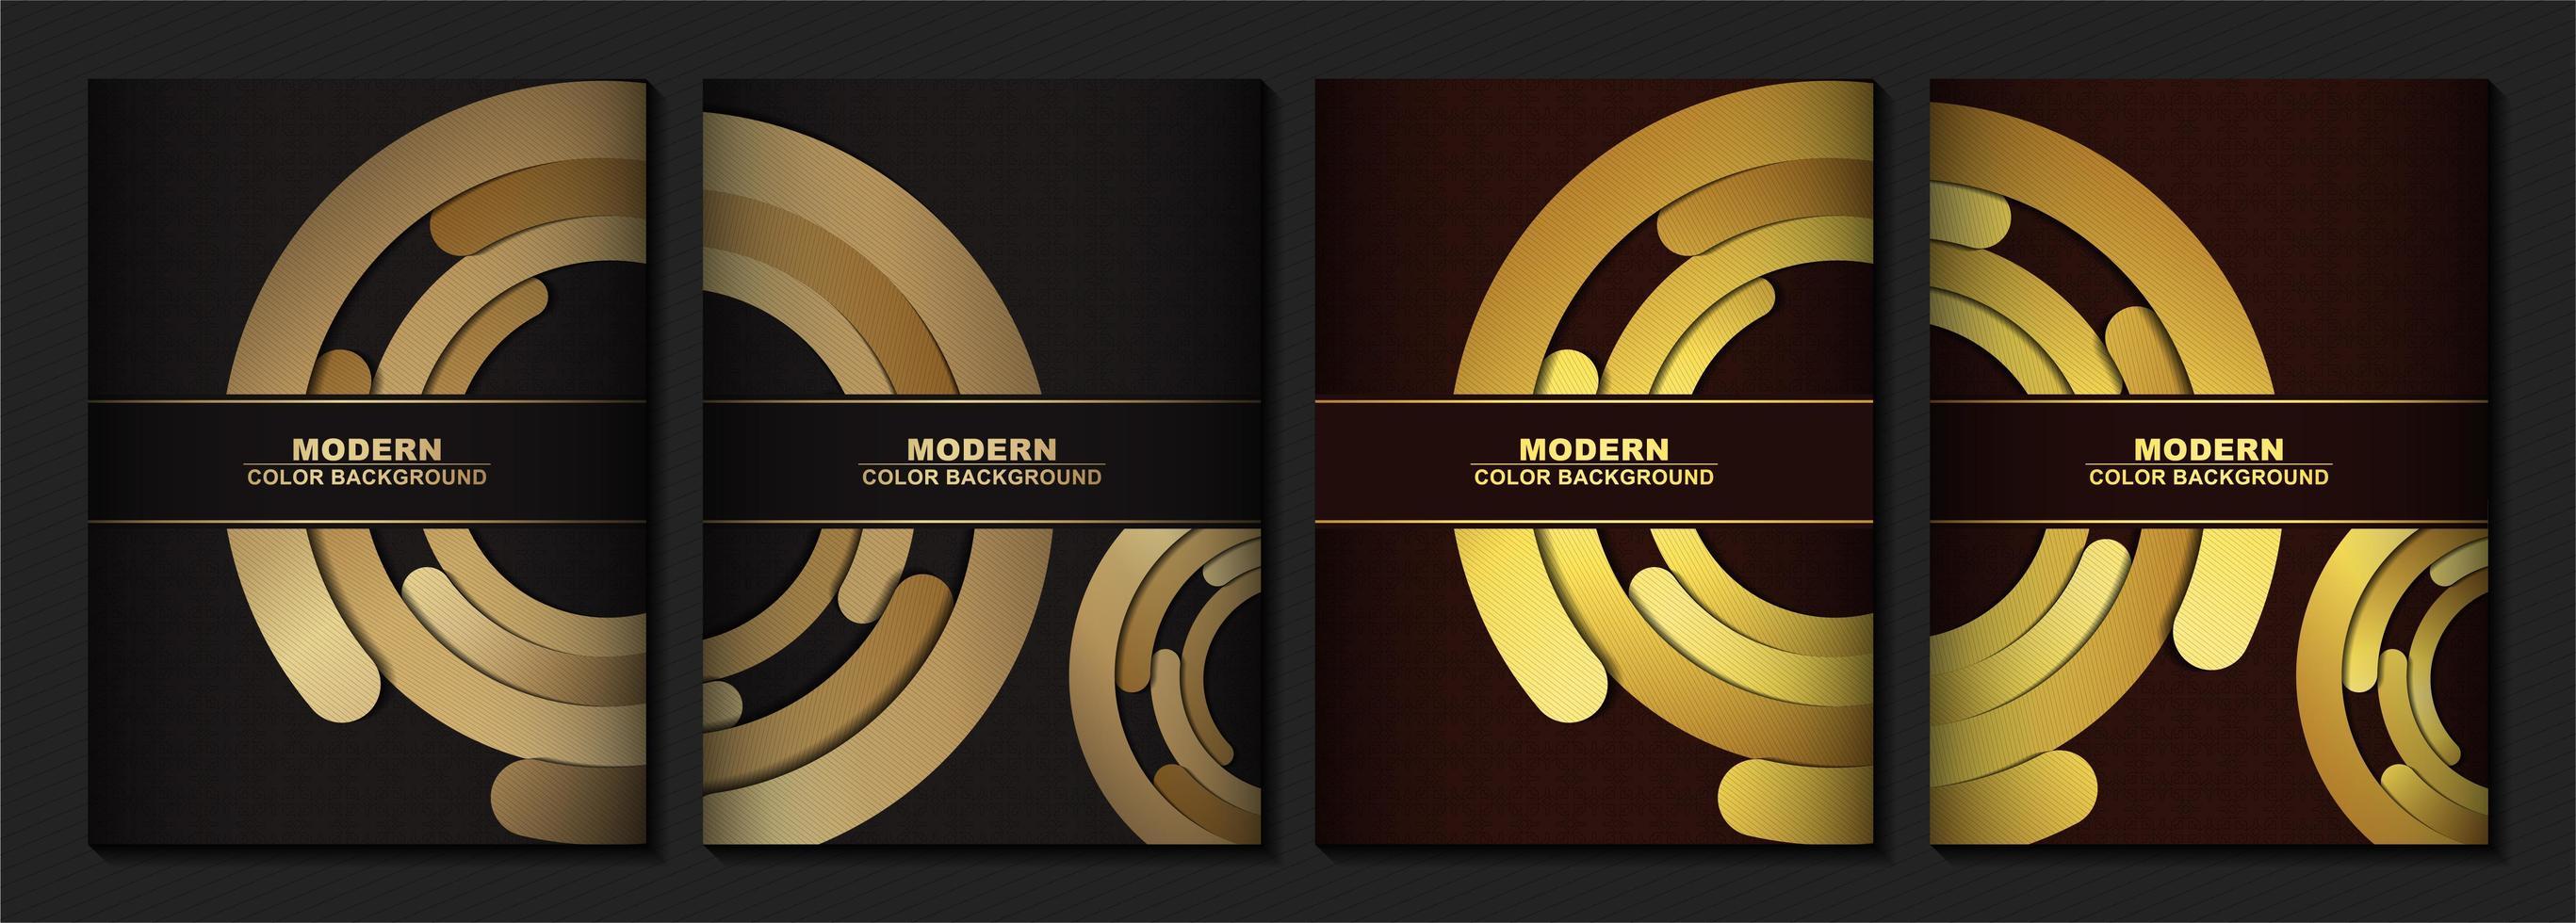 cobertura moderna em ouro vetor